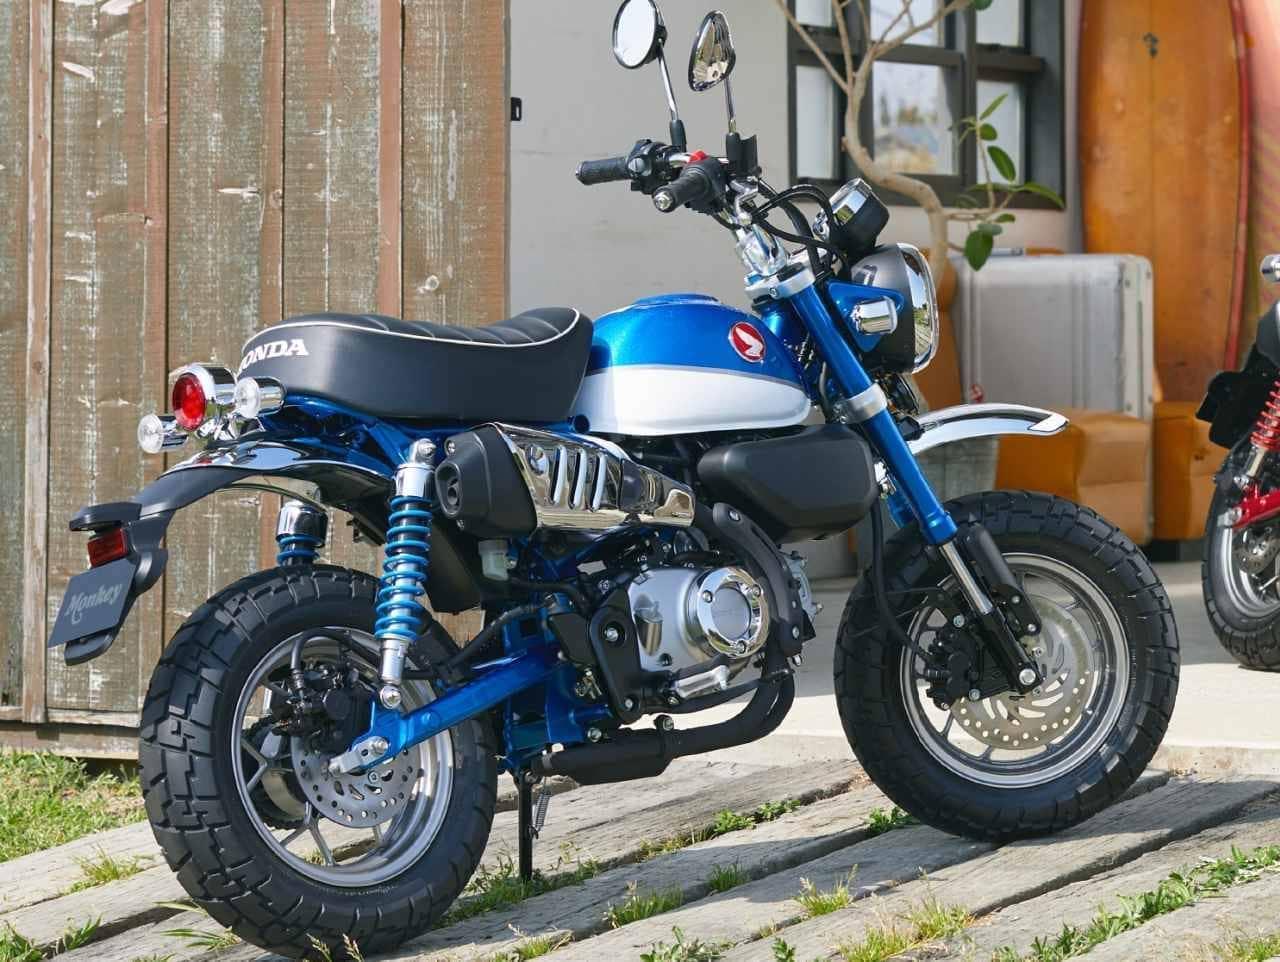 ホンダ「モンキー125」に新色「パールグリッターリングブルー」